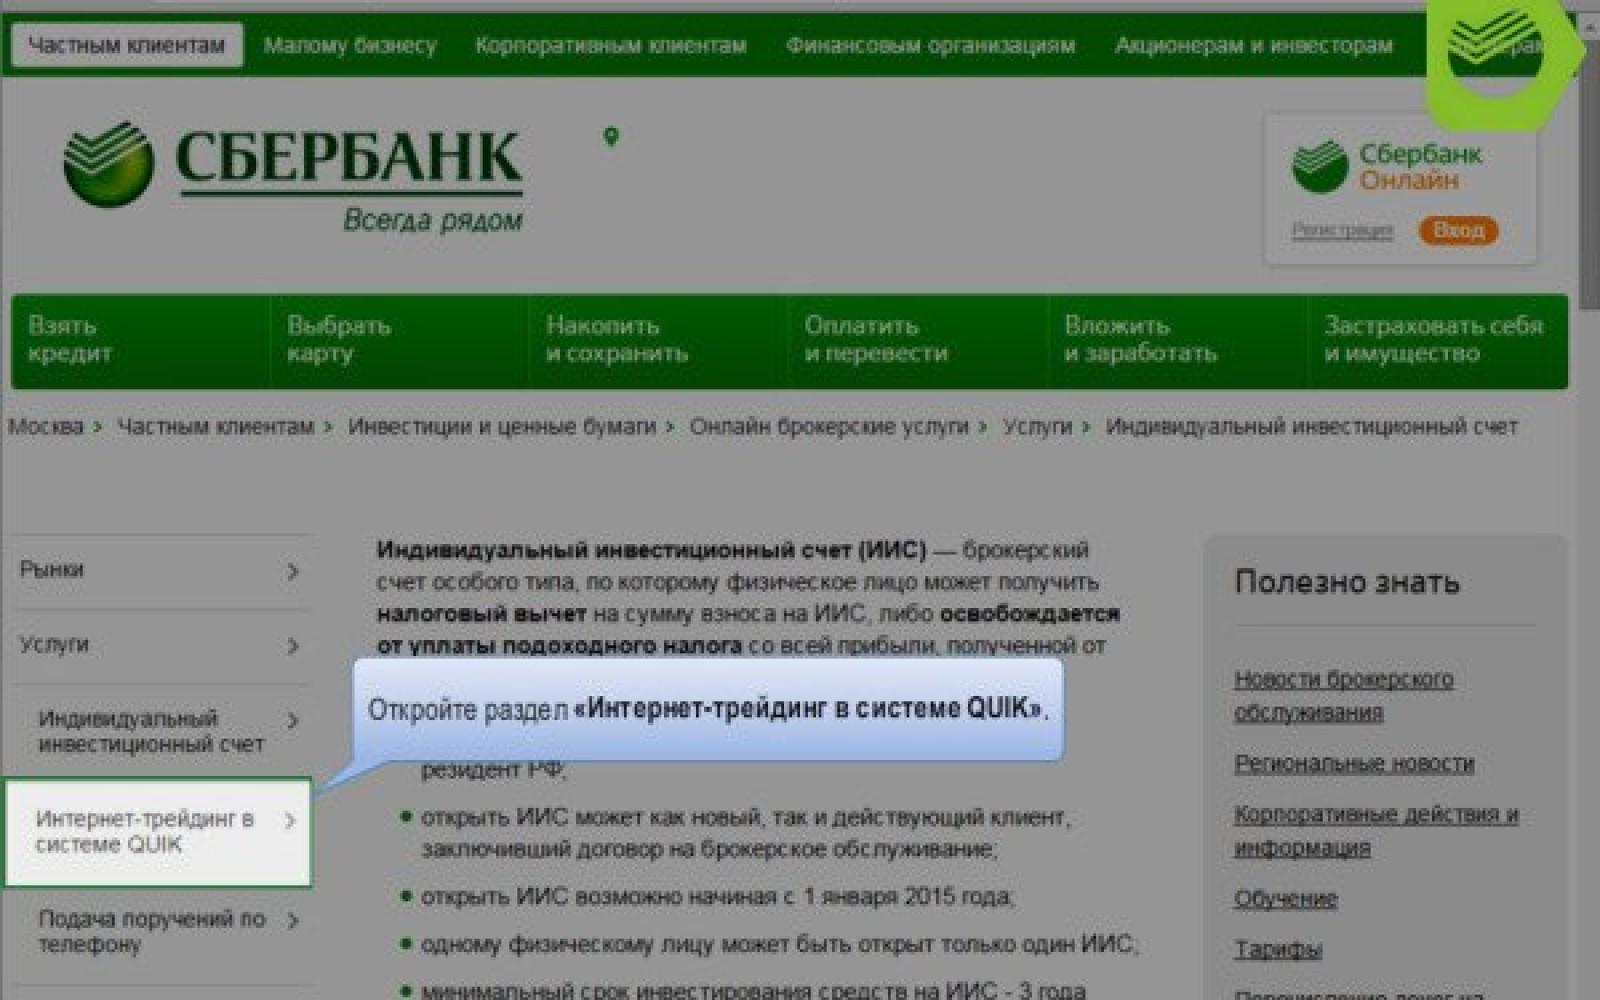 Купить акции Газпрома физическому лицу в Сбербанке 6